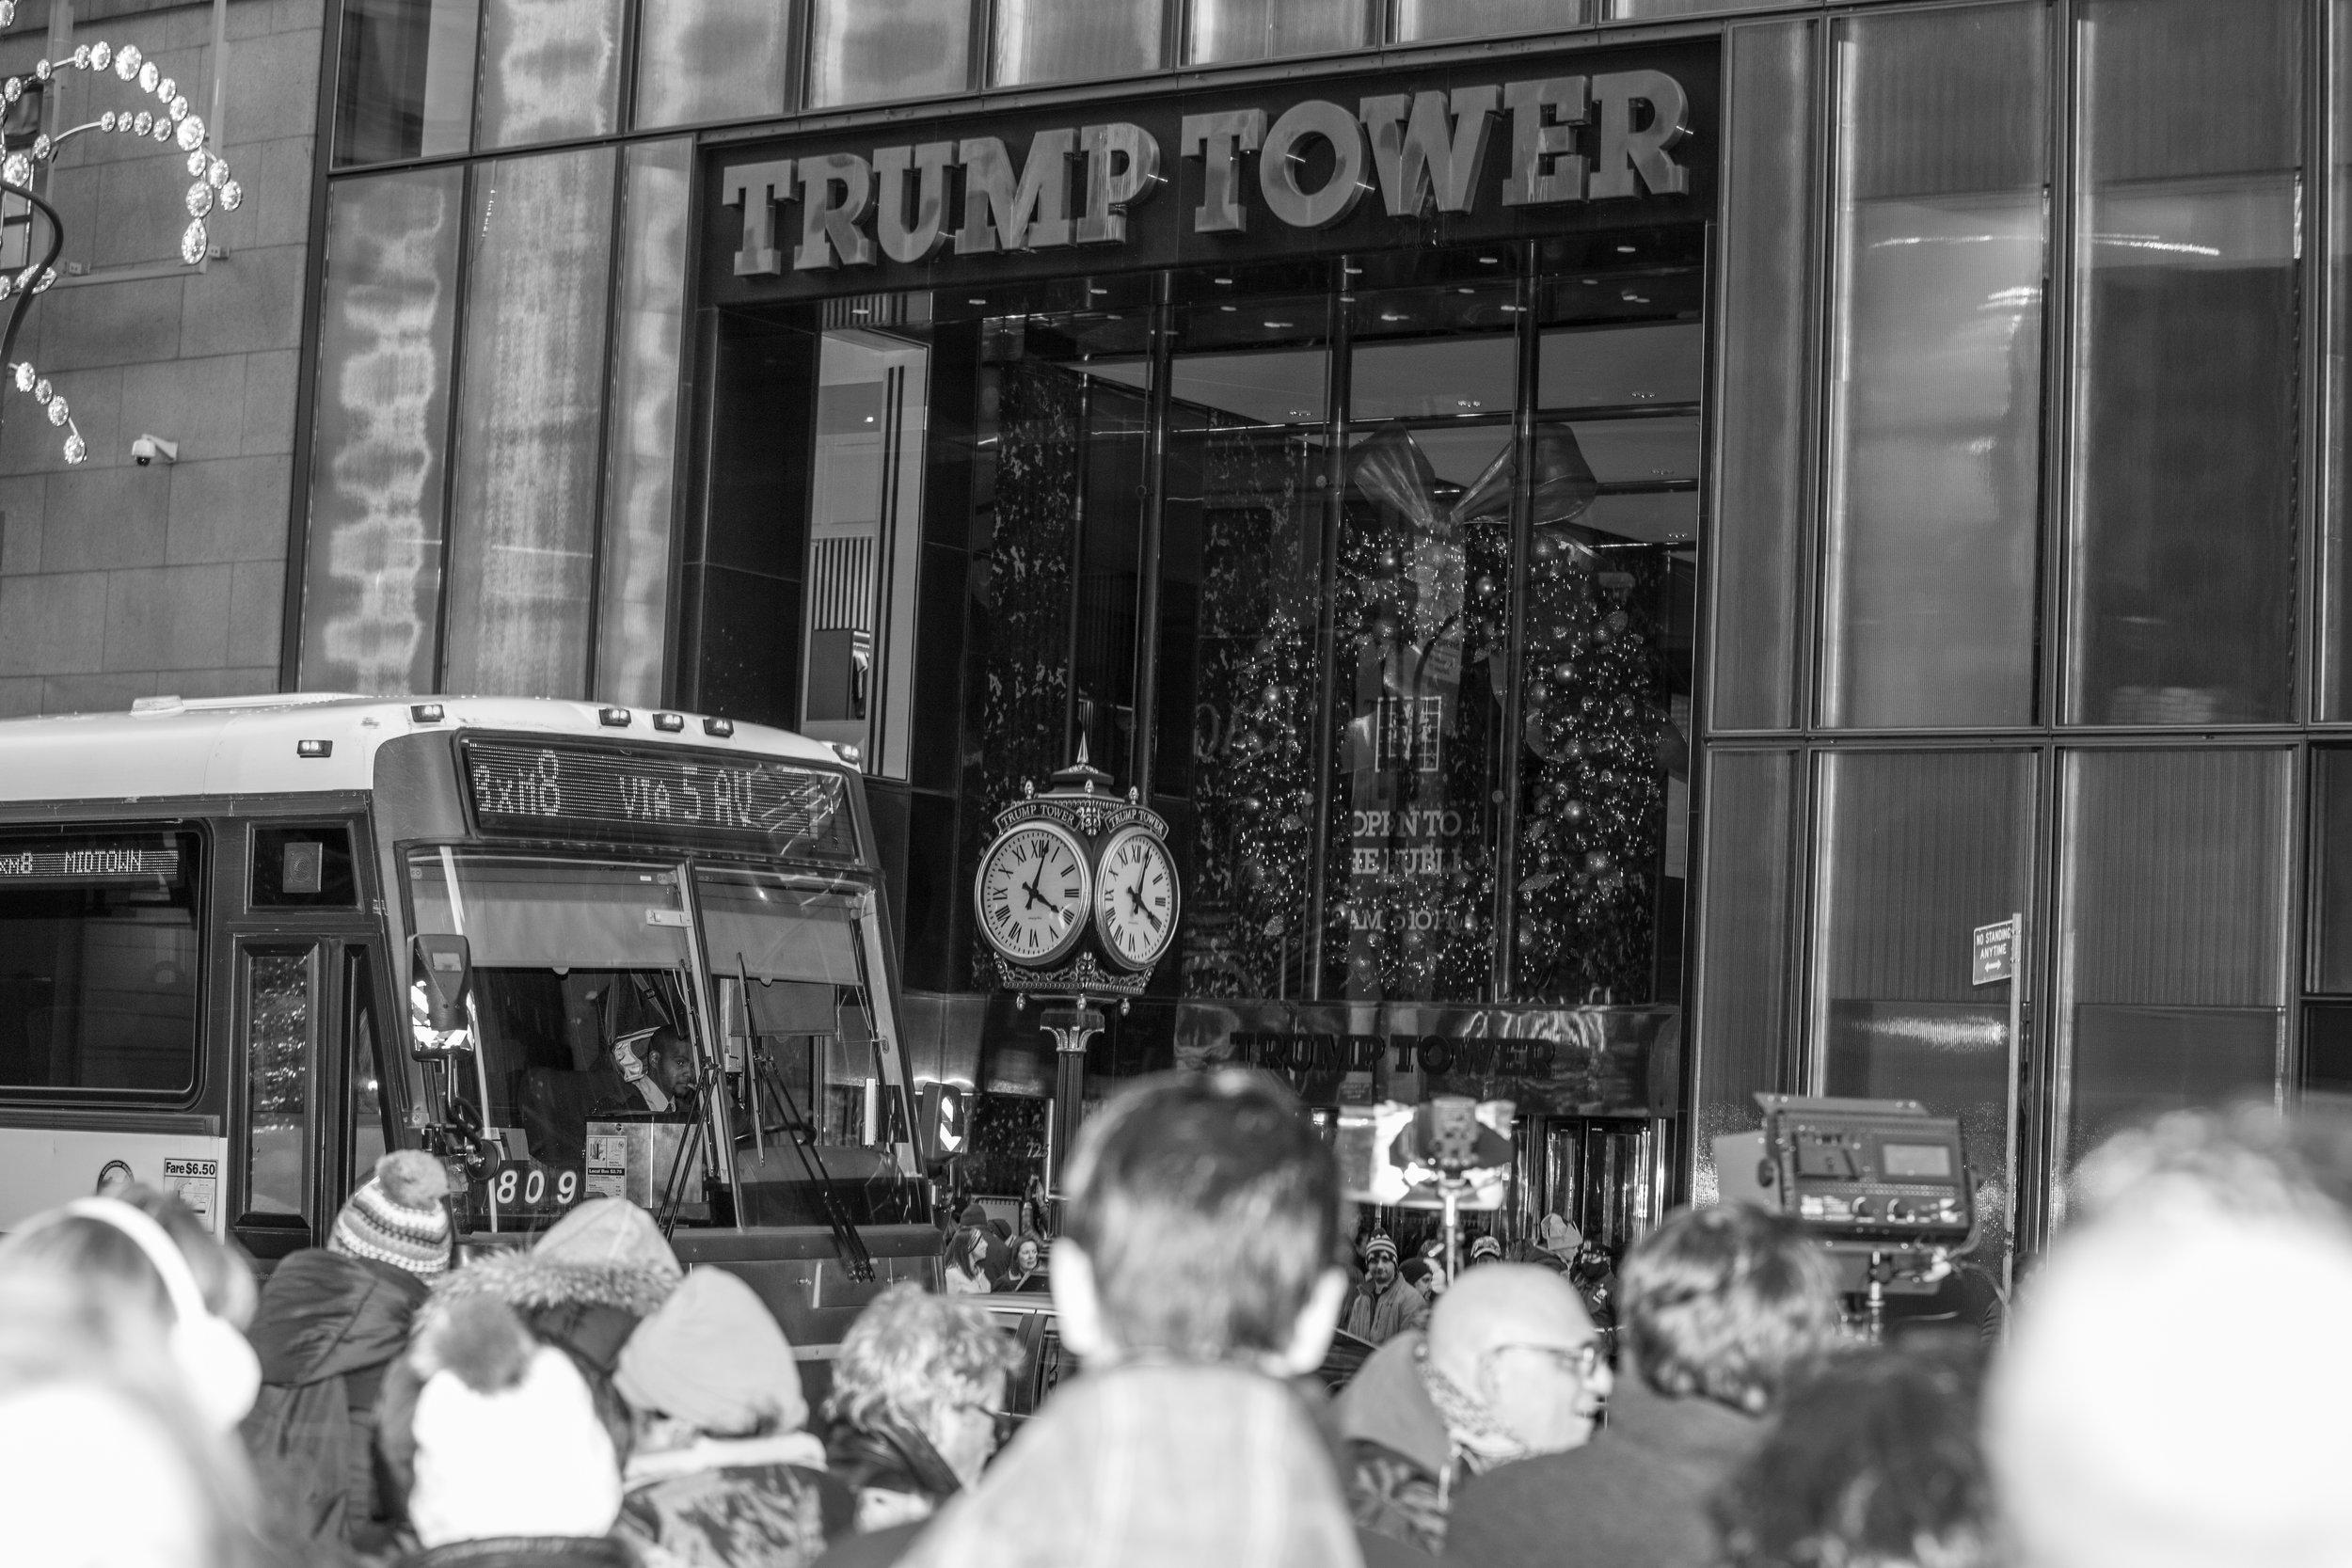 TrumpTower_12102016-11.jpg